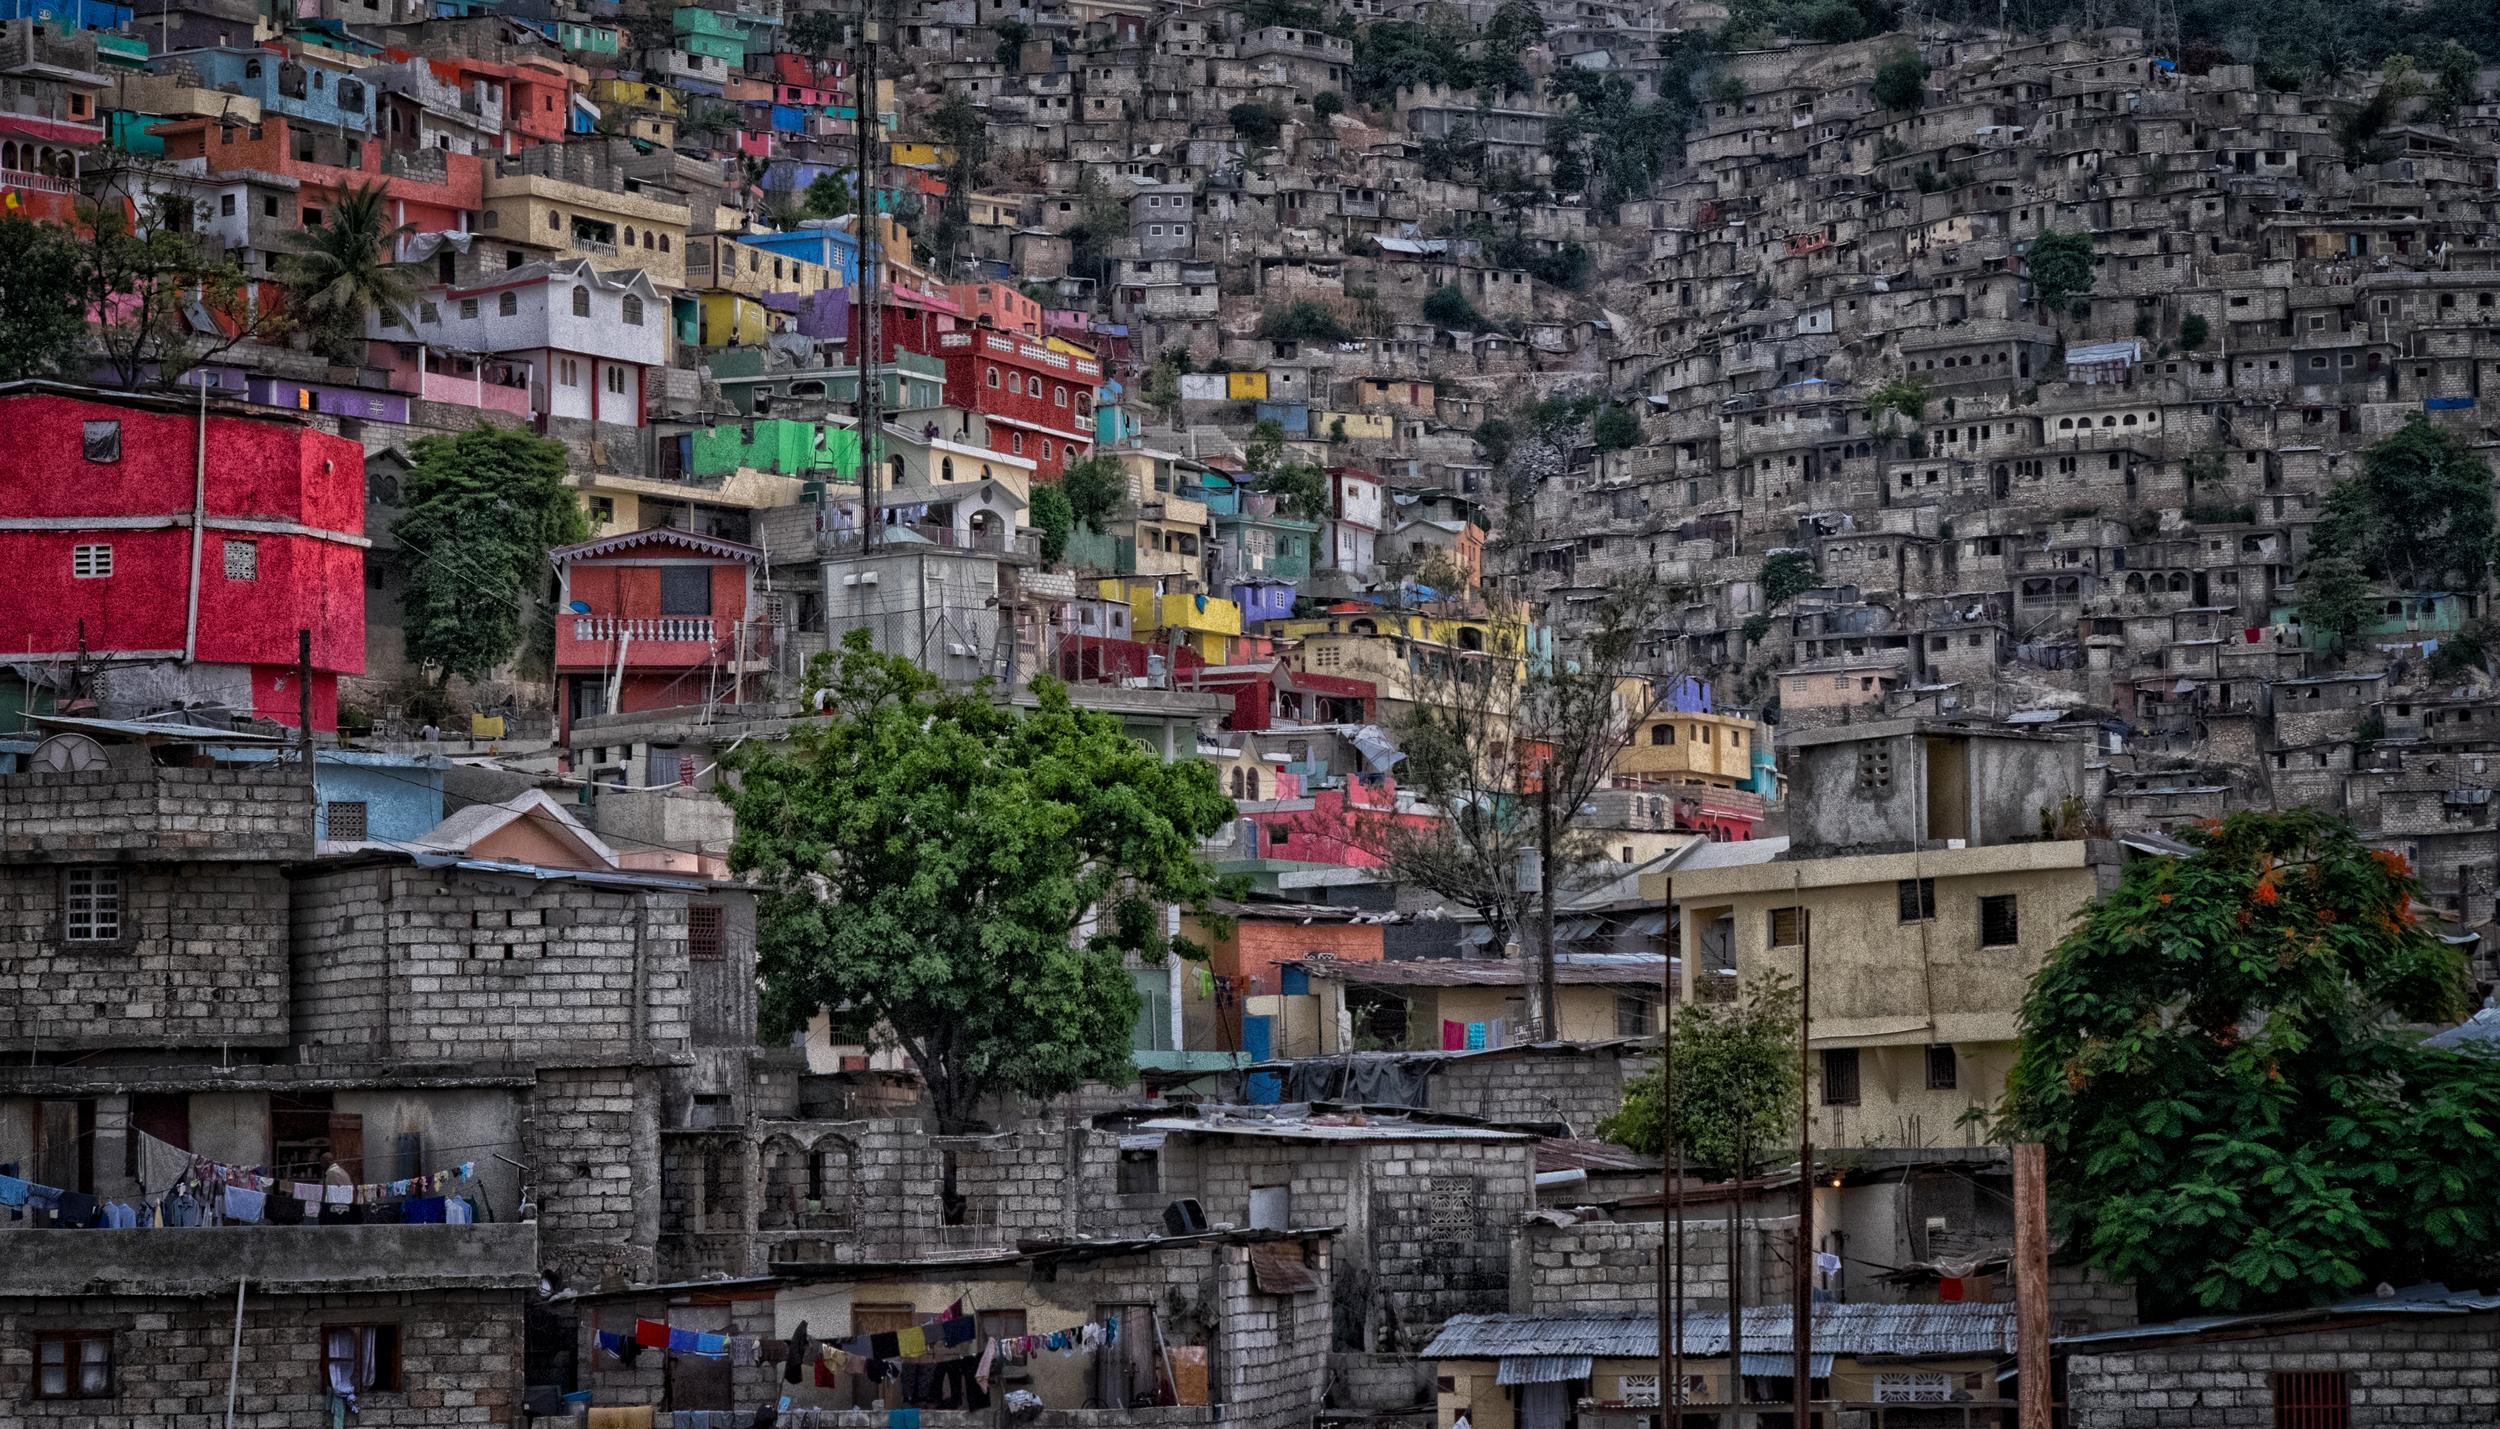 Port-Au-Prince slum. 55mm at f/10 on the X-T1